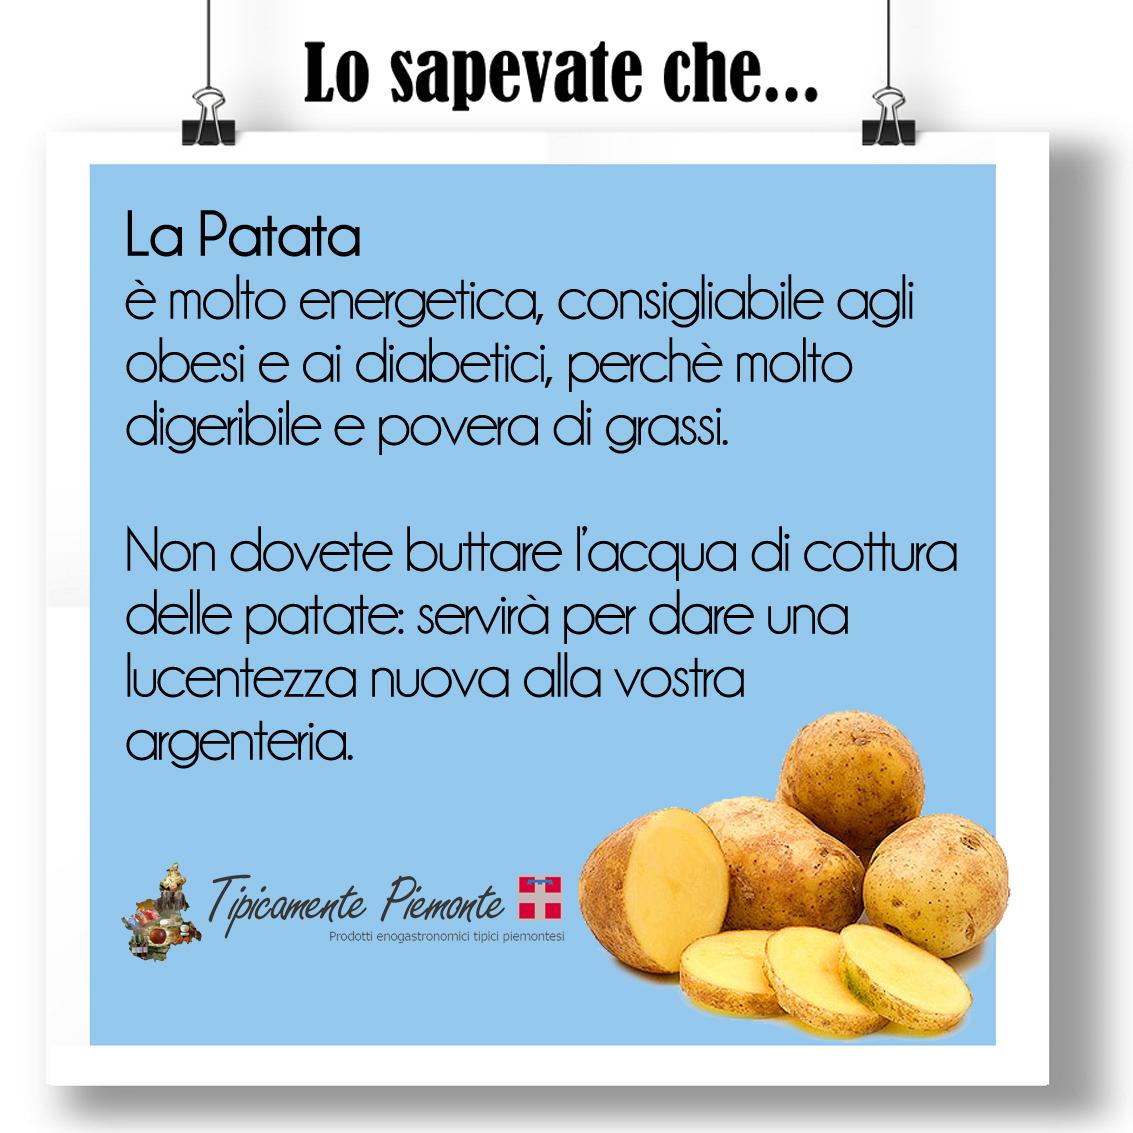 losapevateche_patata